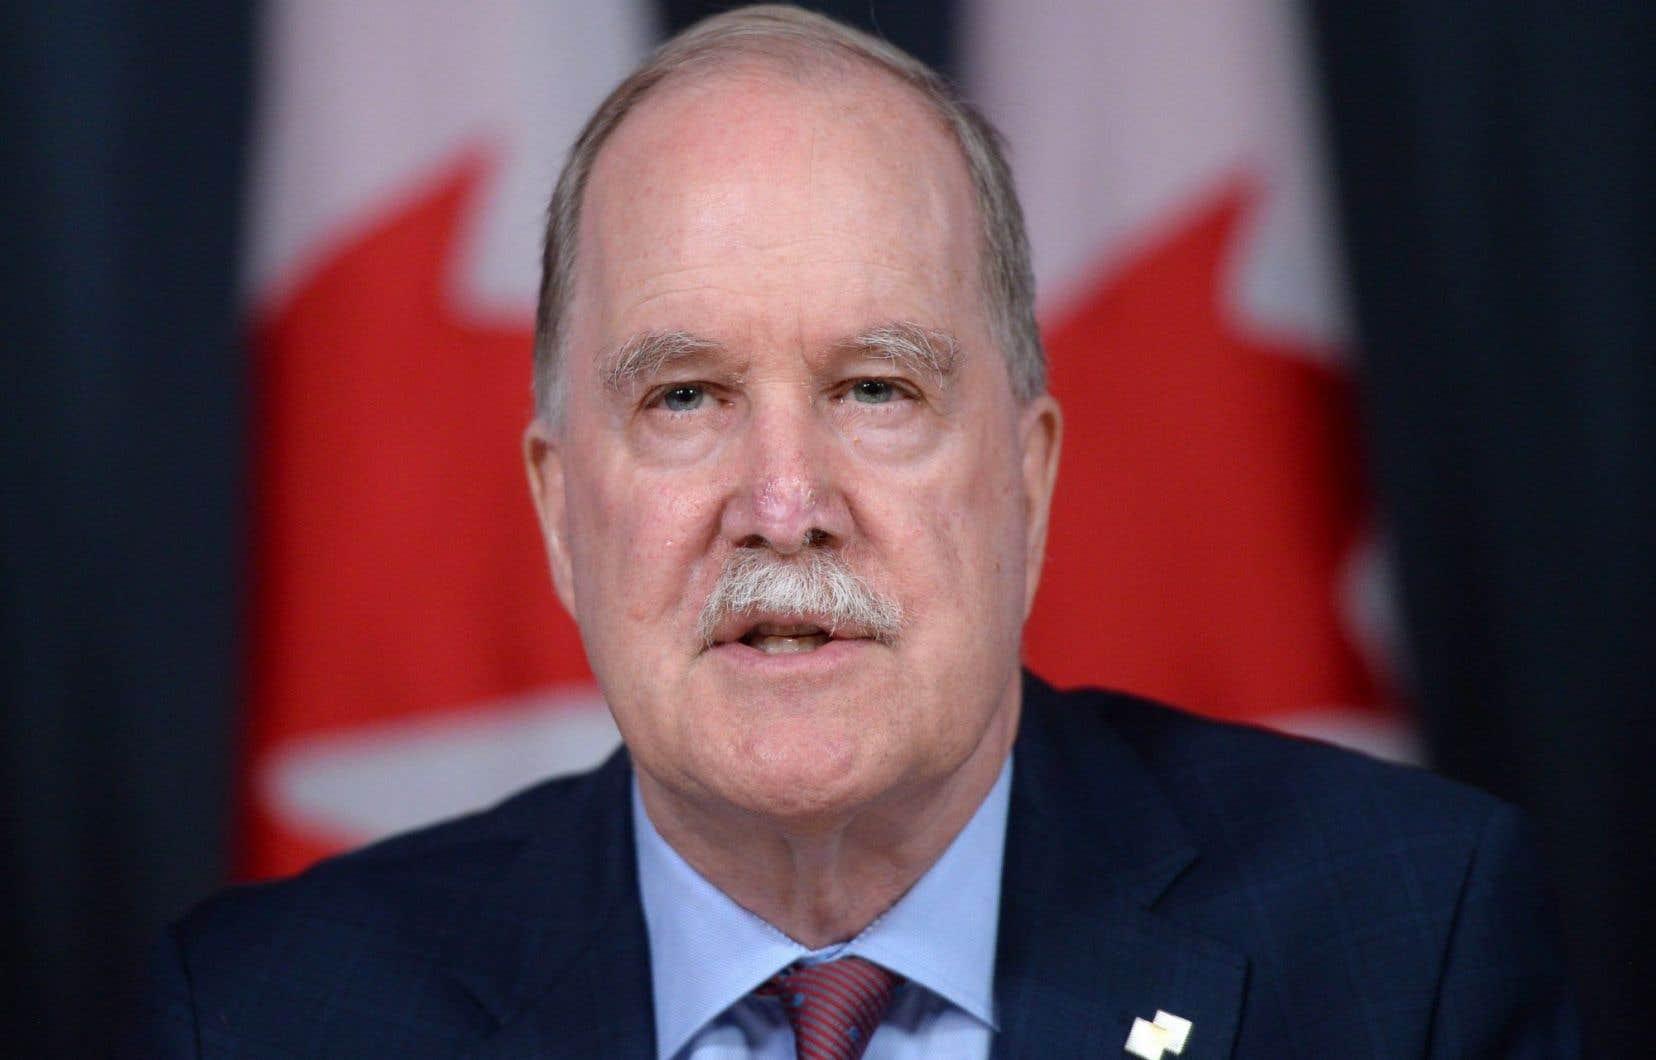 Le commissaire Graham Fraser signale, dans son dernier rapport, que Parcs Canada peine déjà à offrir des services bilingues à travers le pays.